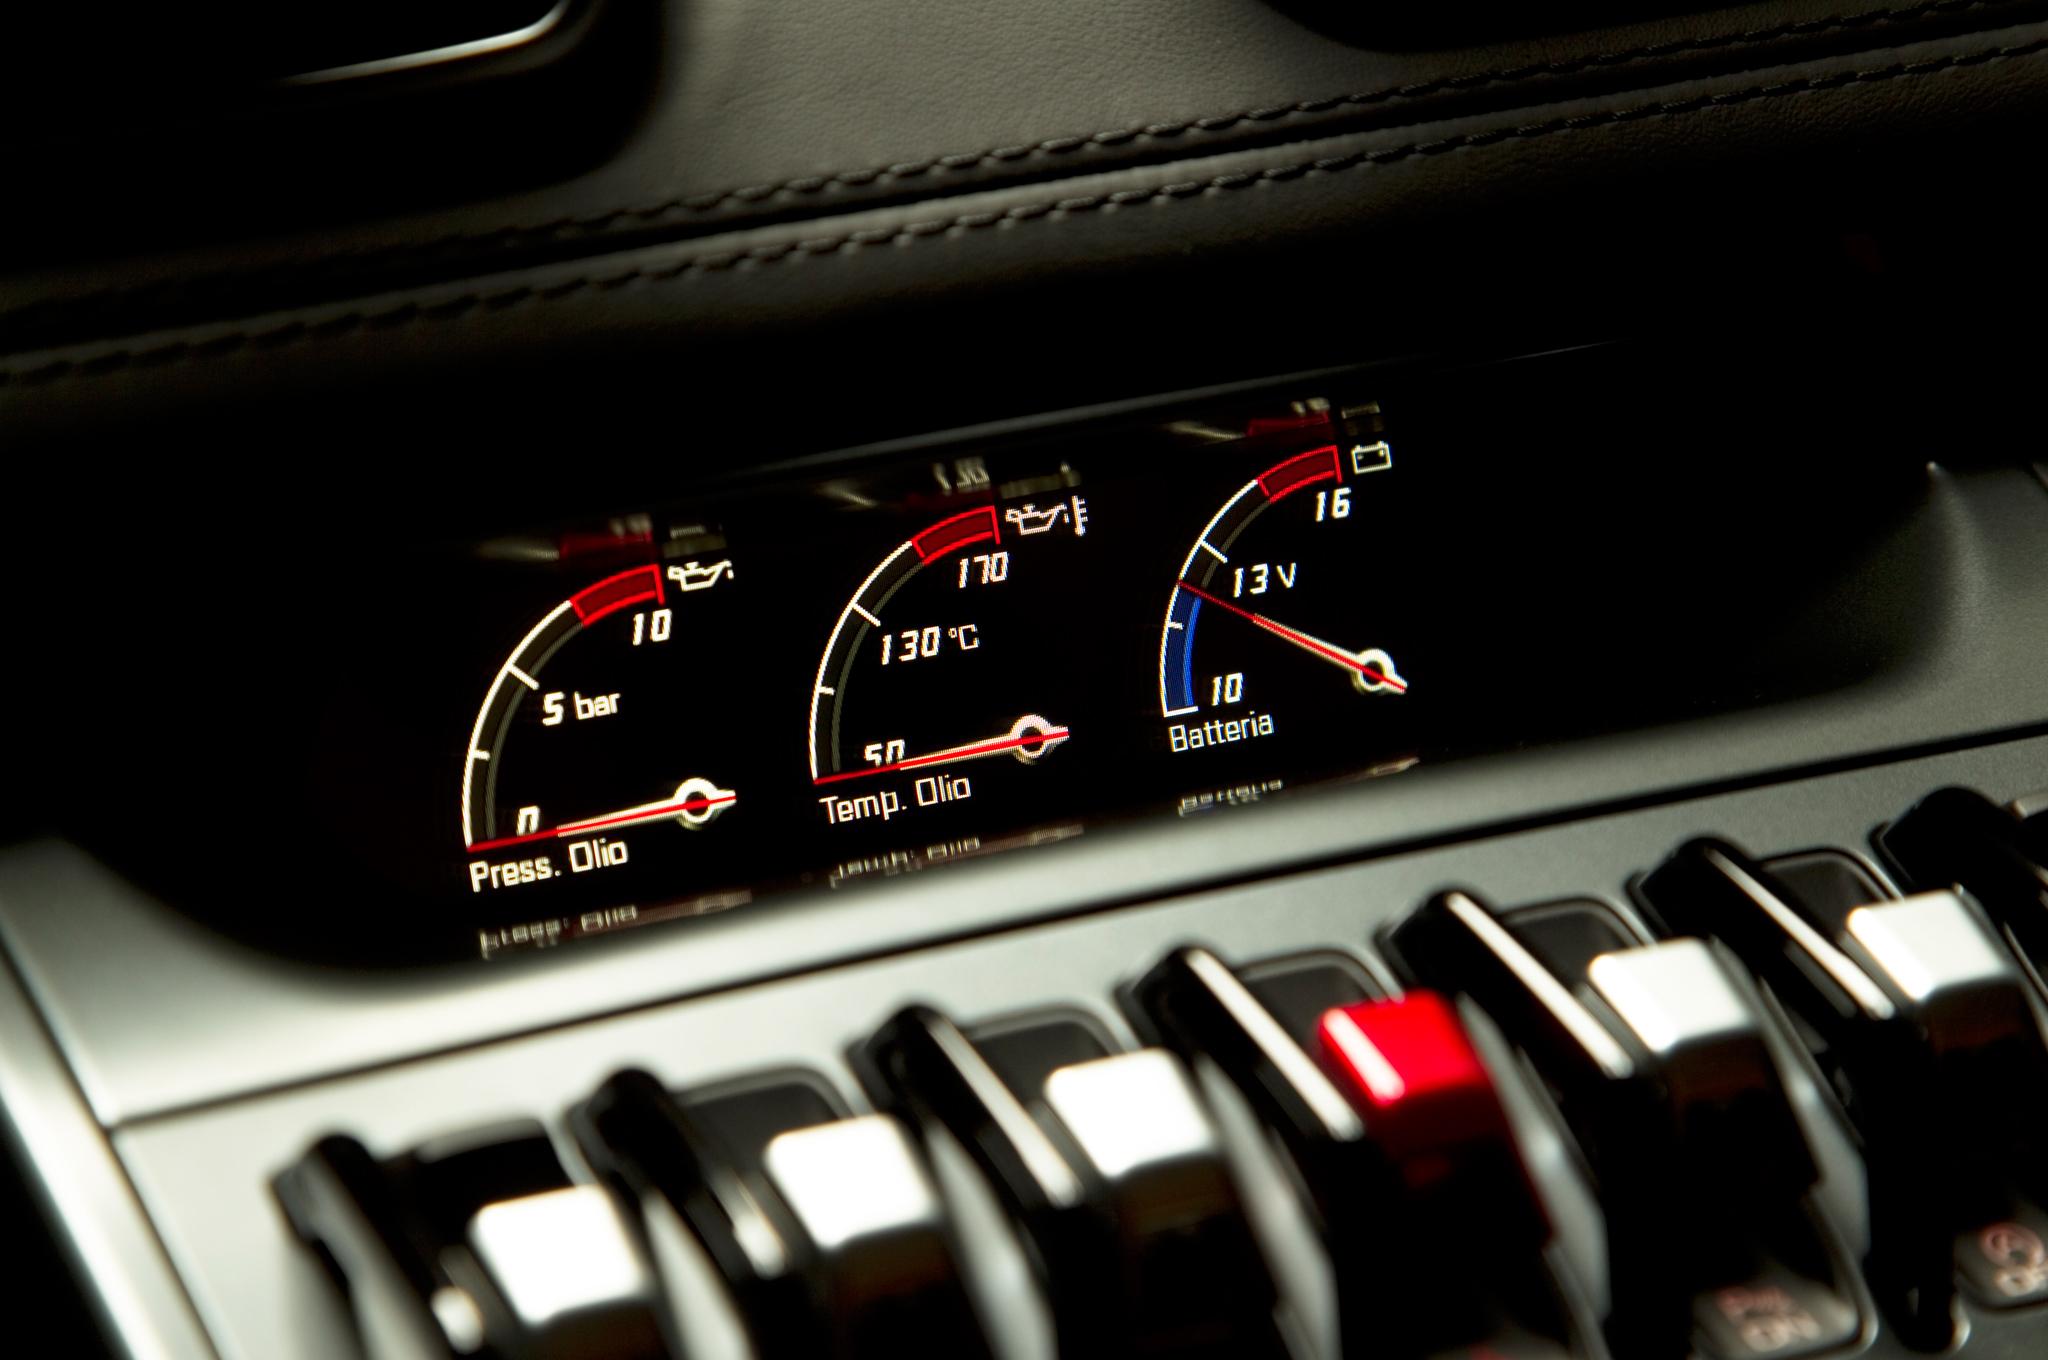 http—image.motortrend.com-f-roadtests-exotic-1312_2015_lamborghini_huracan_first_look-59411975-2015-Lamborghini-Huracan-instrument-cluster